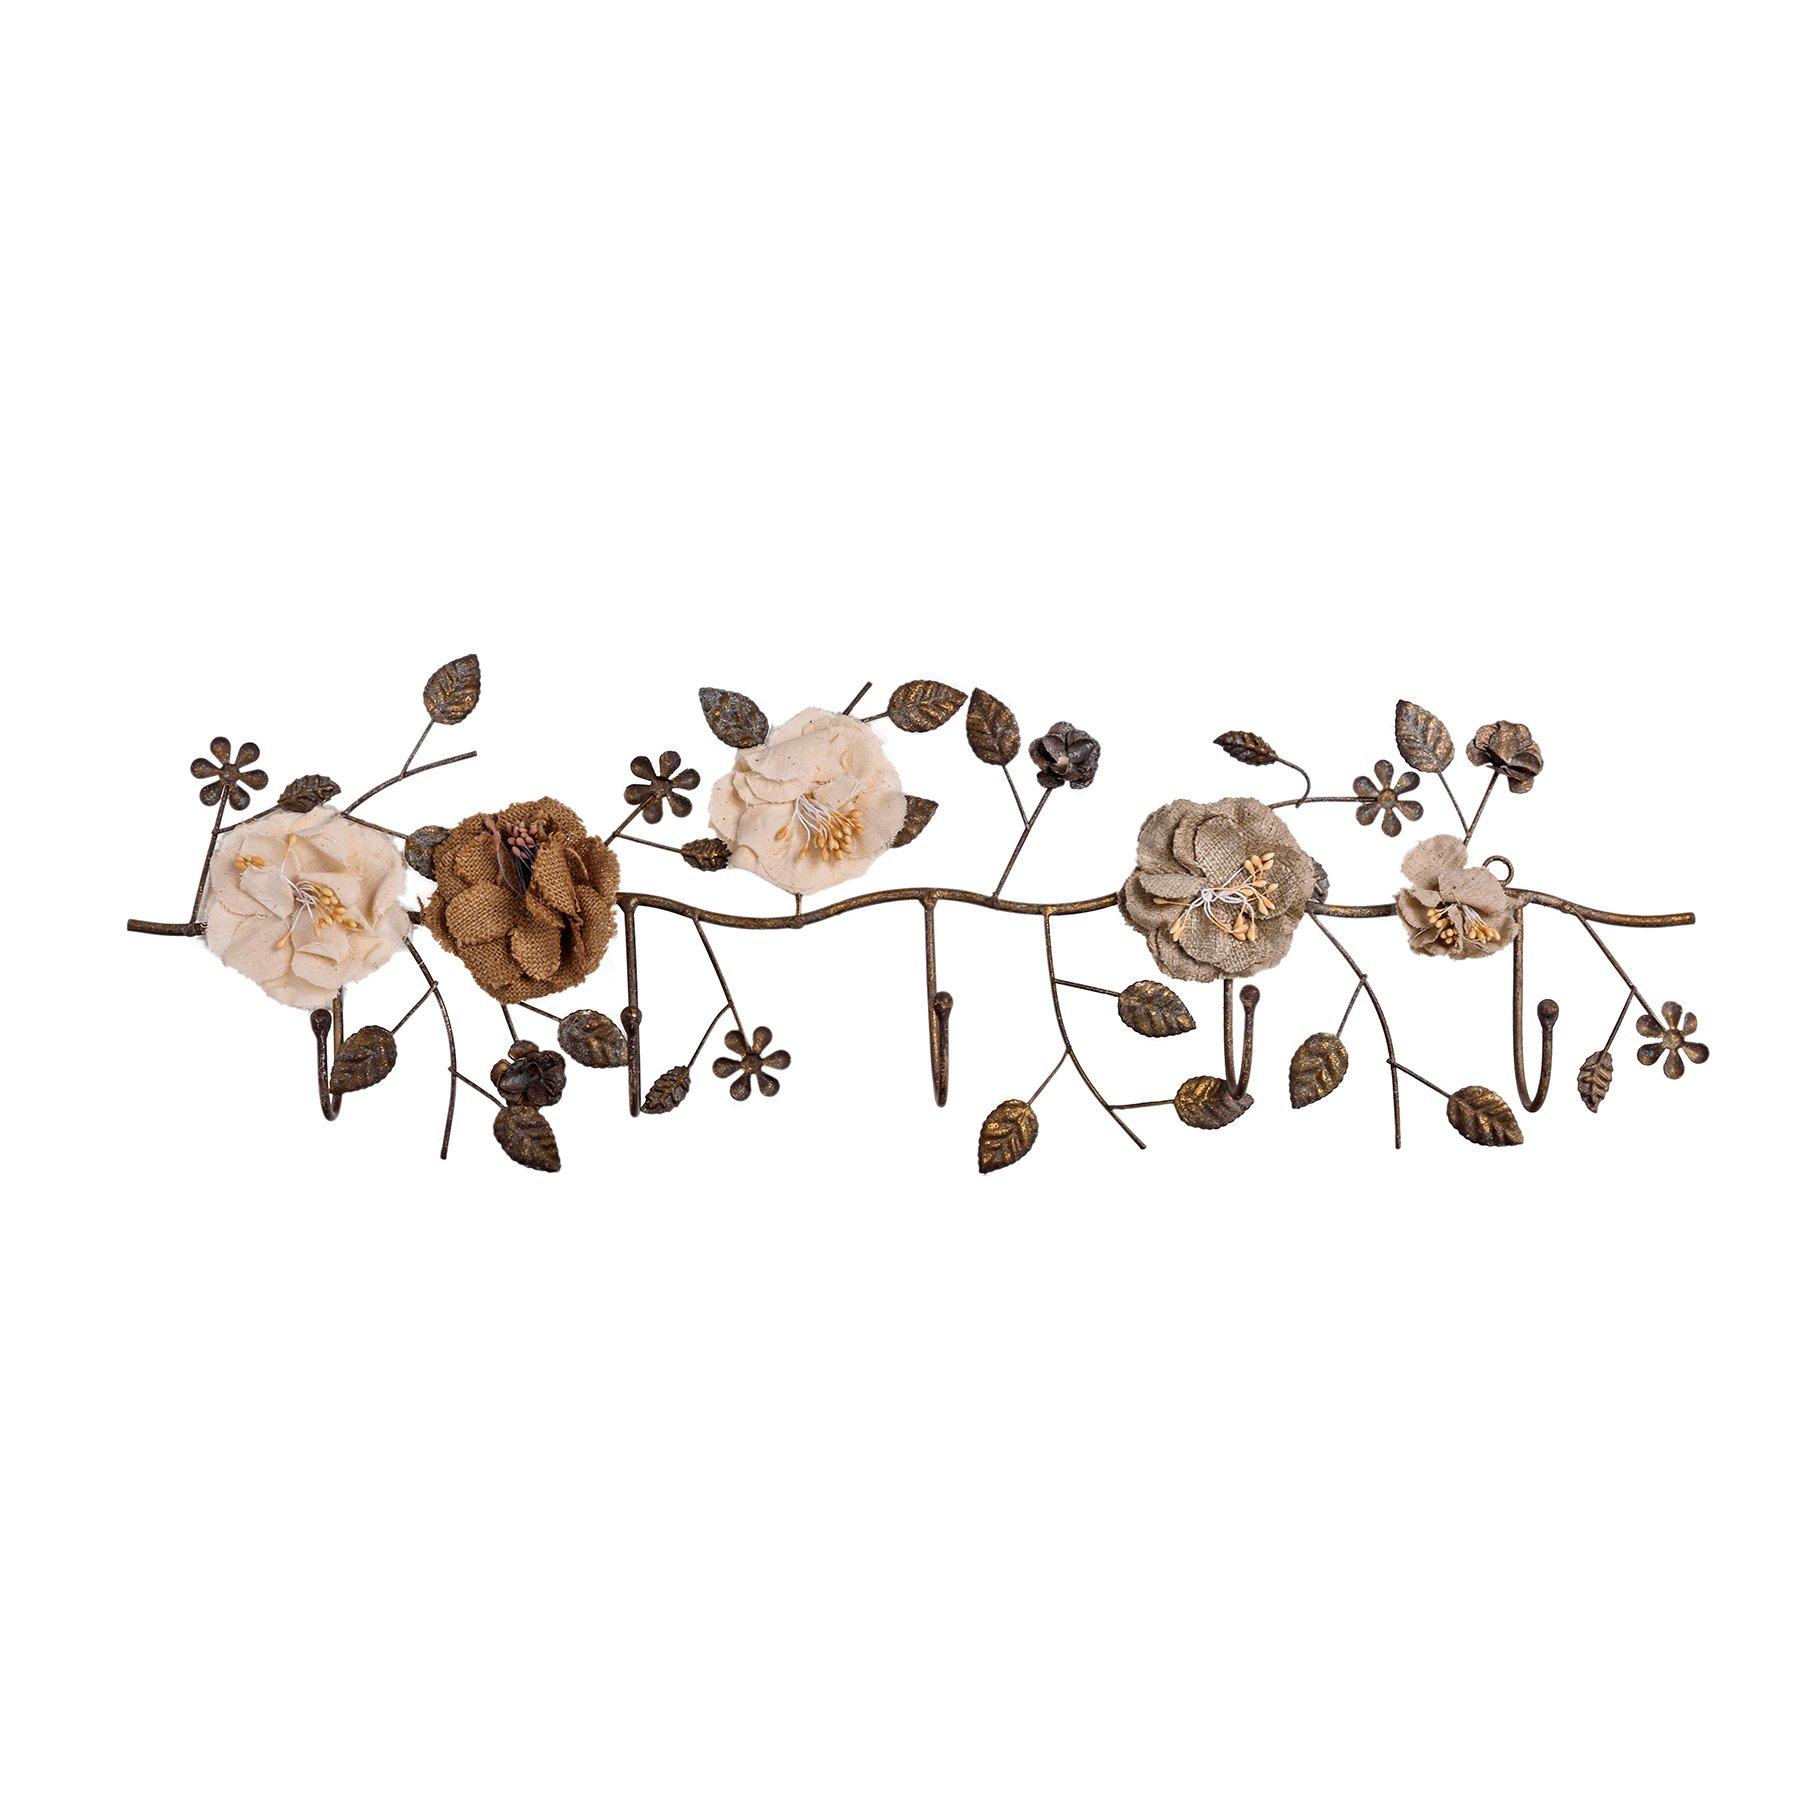 Купить со скидкой Вешалка настенная розарий в винтажном стиле